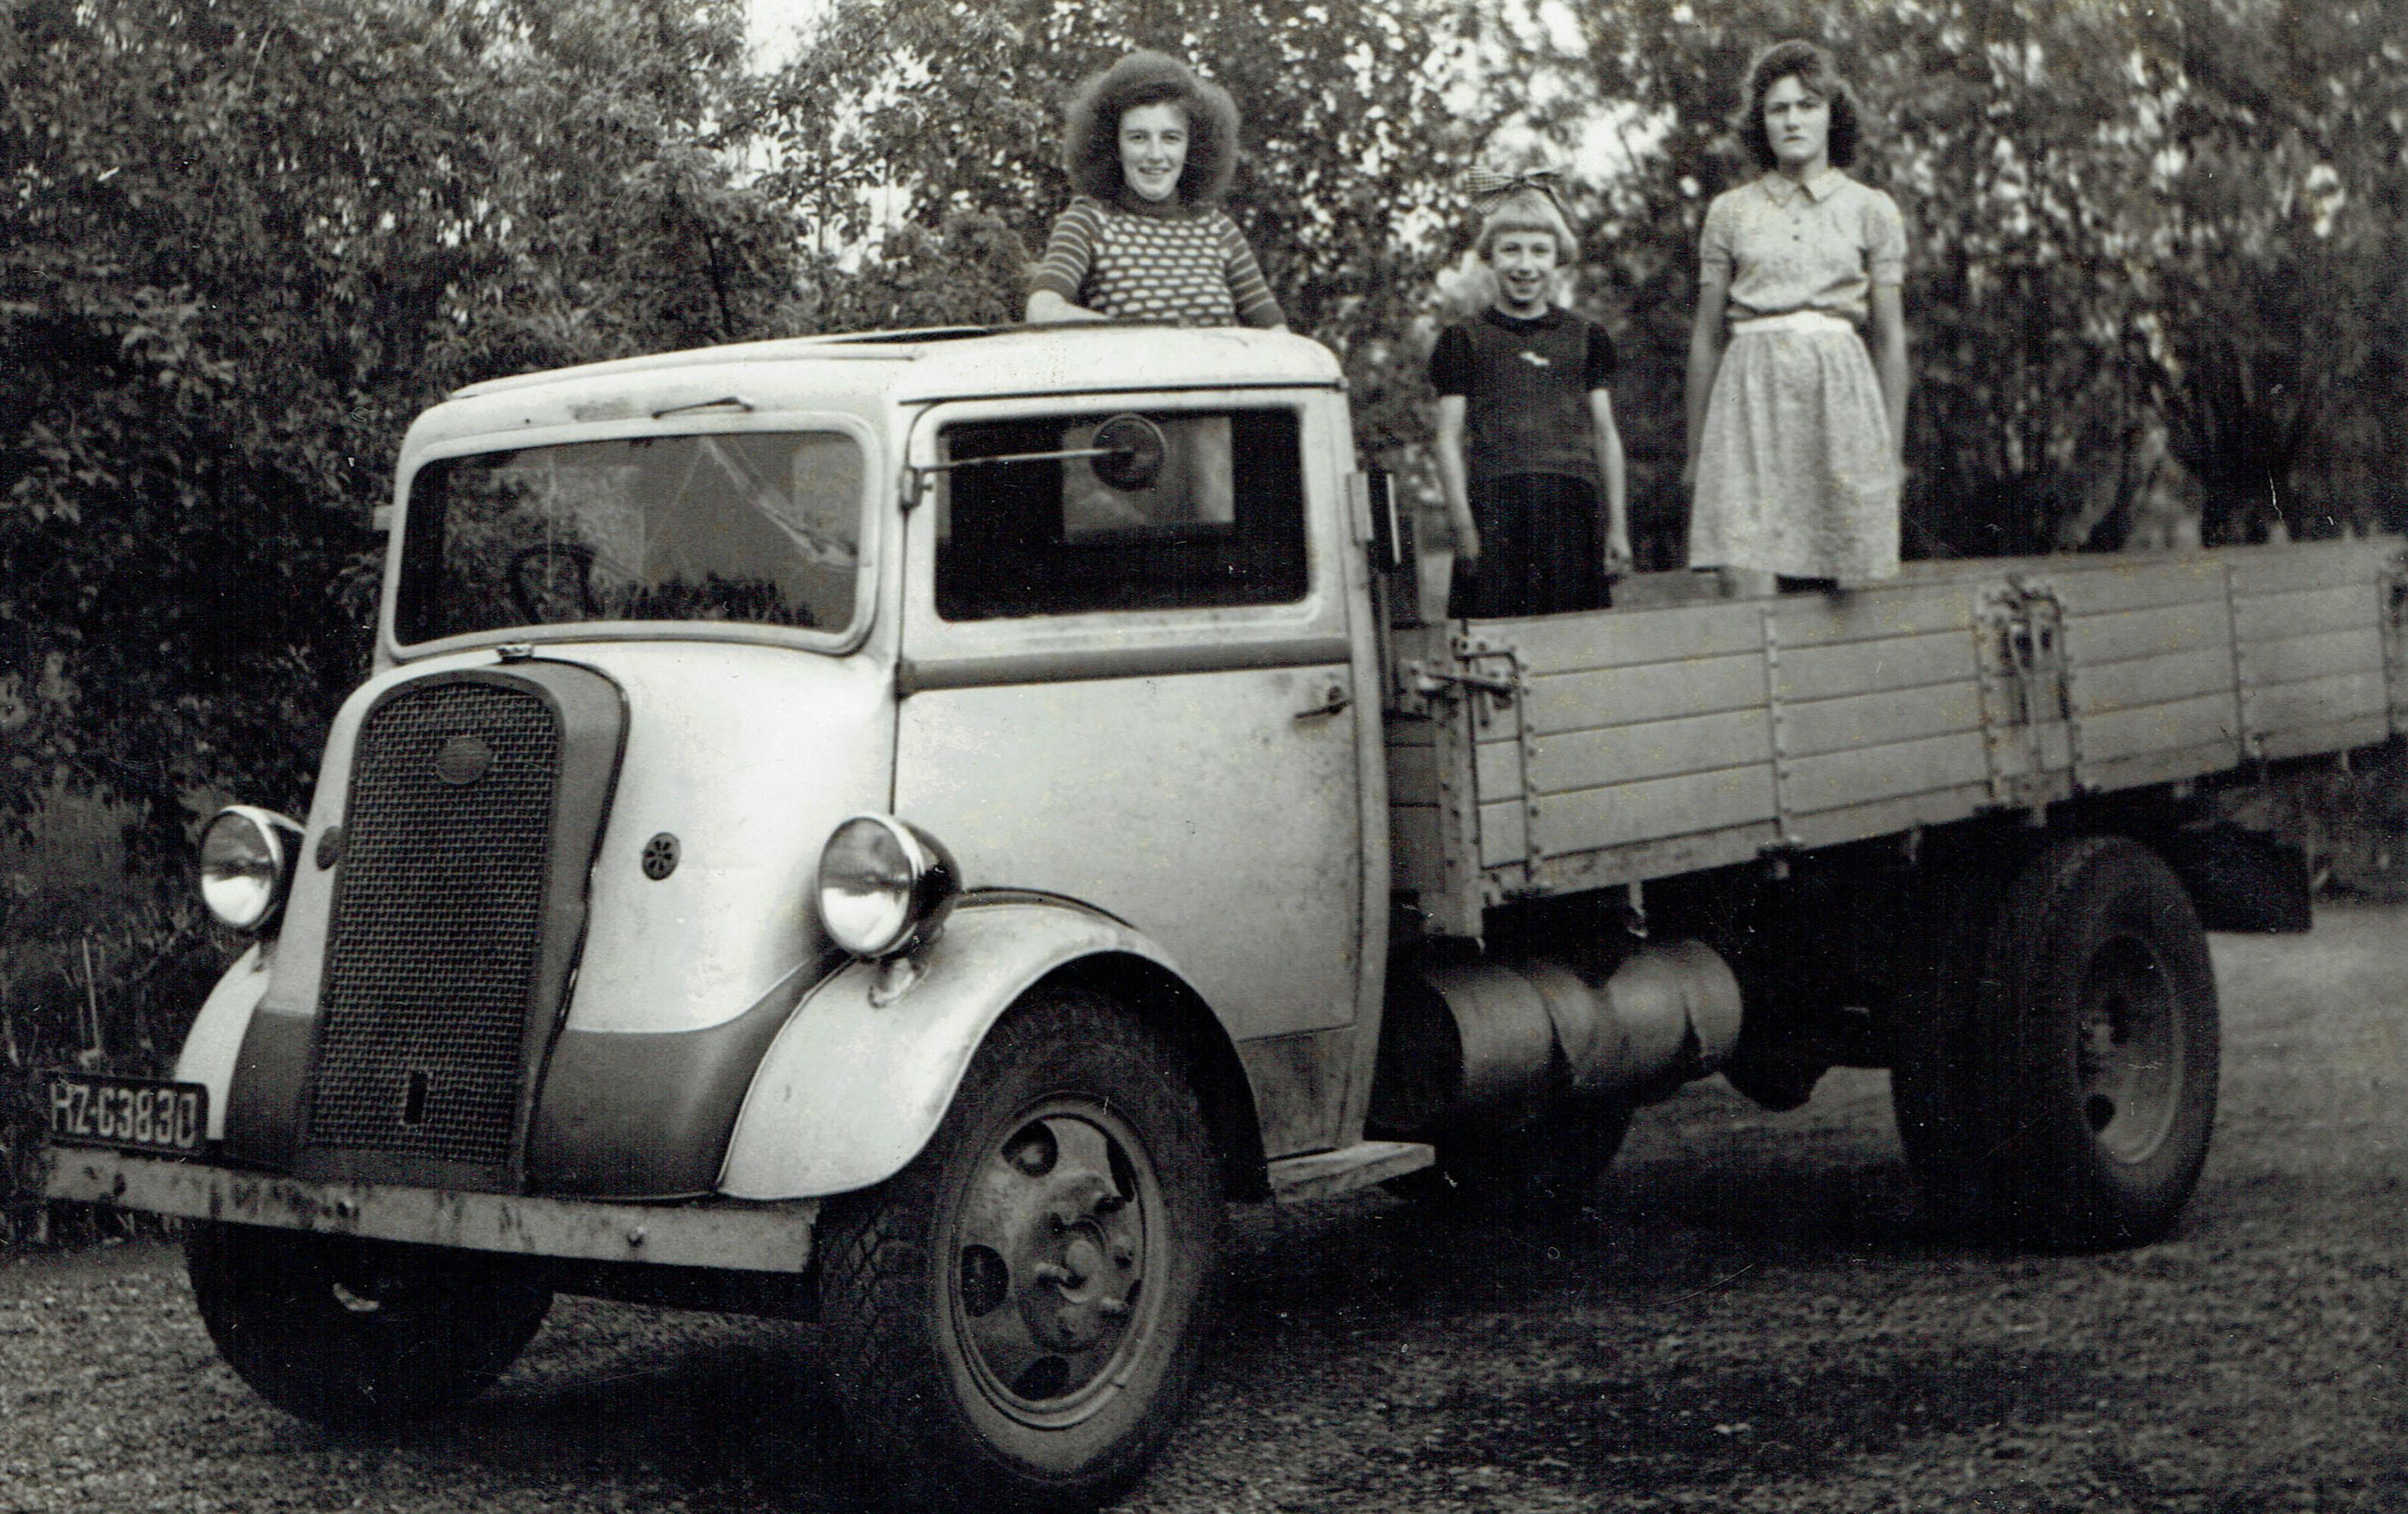 Vrachtauto-van-de-Heicopper-J-L--Holl--afkomstig-van-een-legerdump--De-drie-meisjes-zijn-de-gezusters-Holl--De-middelste-is-Ger